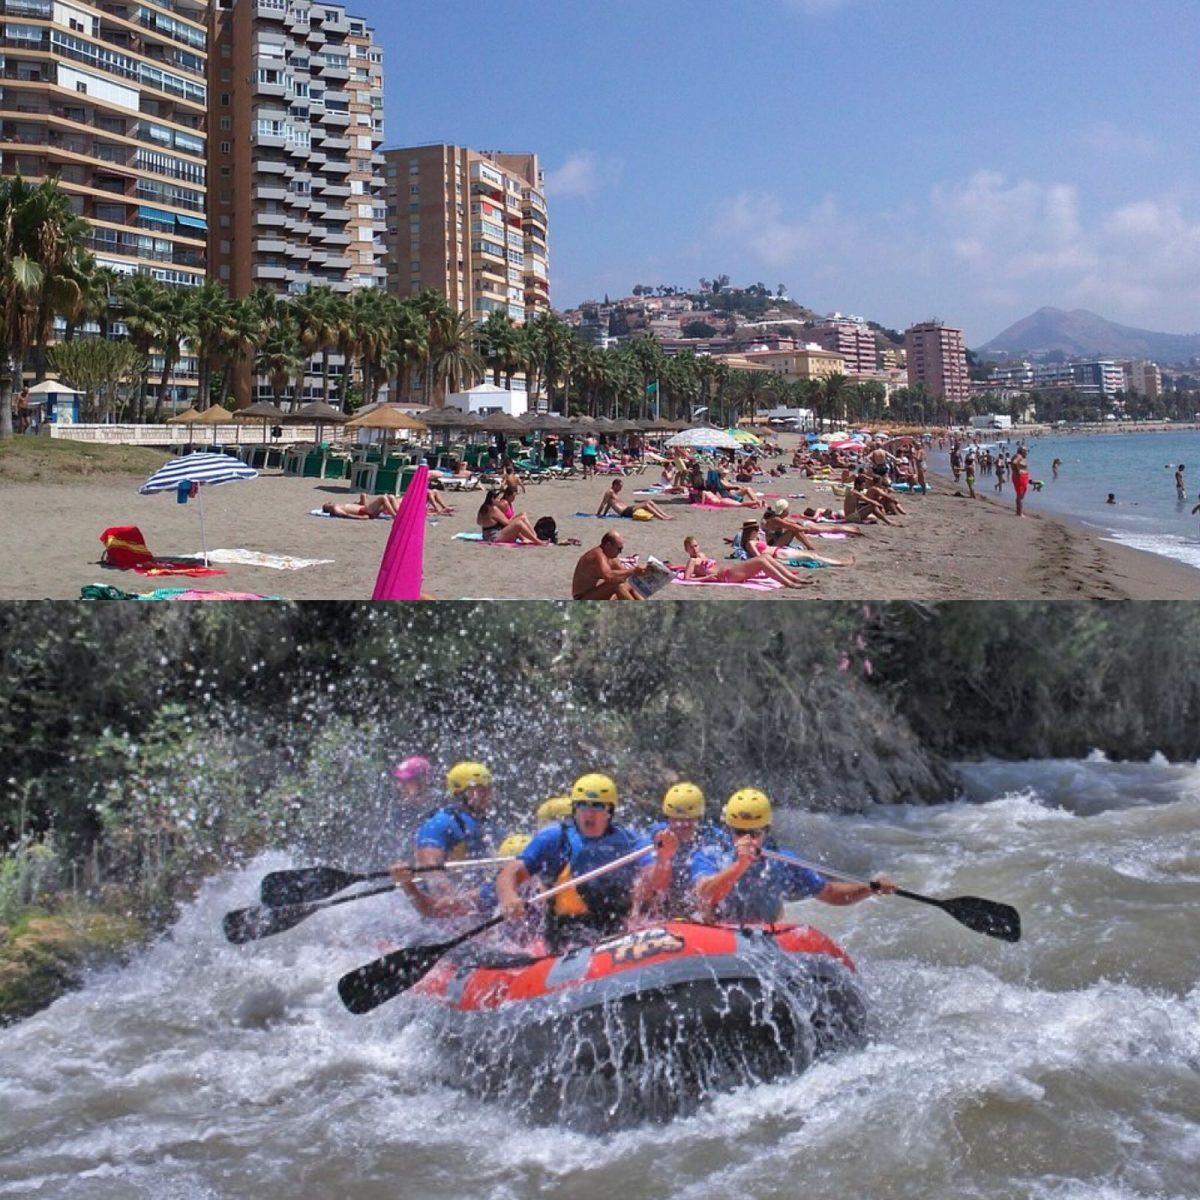 rafting alternativa al sol y playa